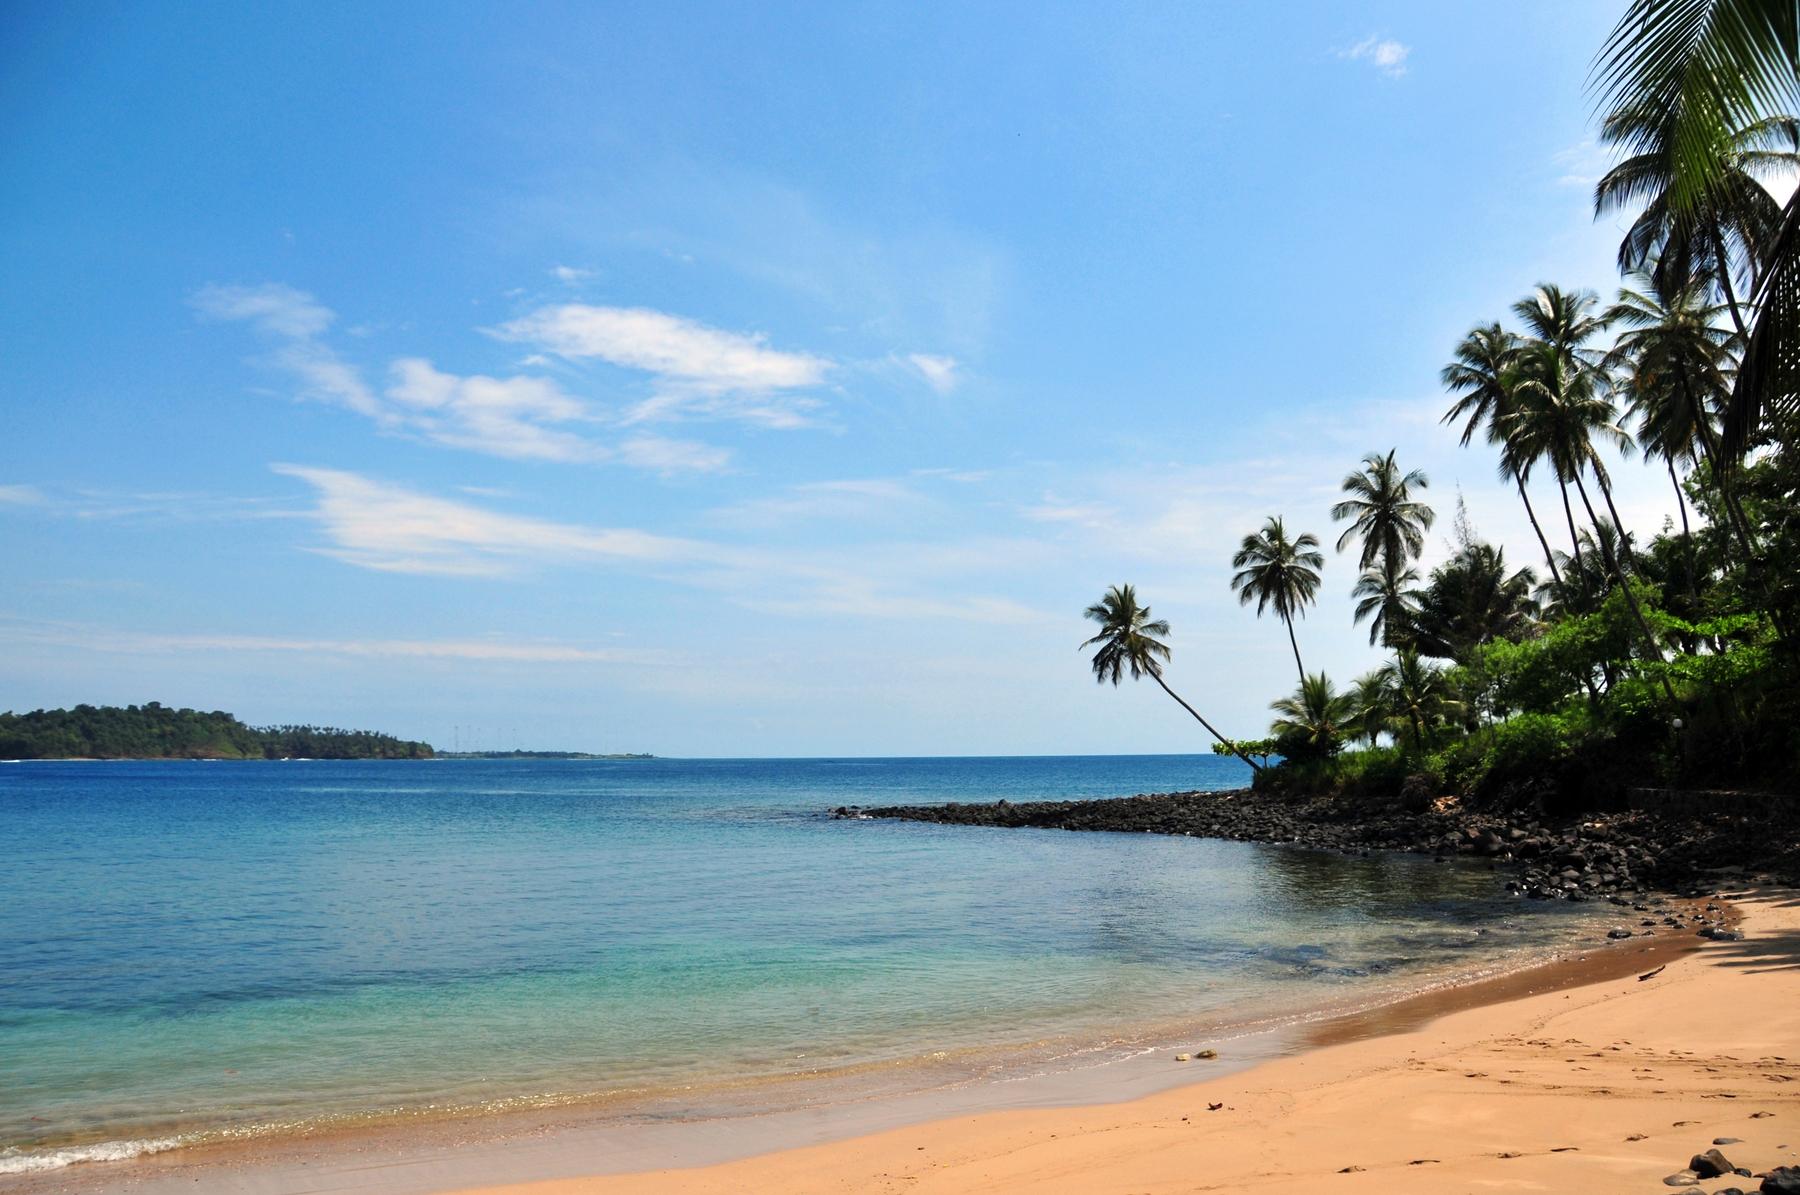 Praia de São Tomé e Príncipe, um dos países menos visitados do mundo. Que tal conhecer?